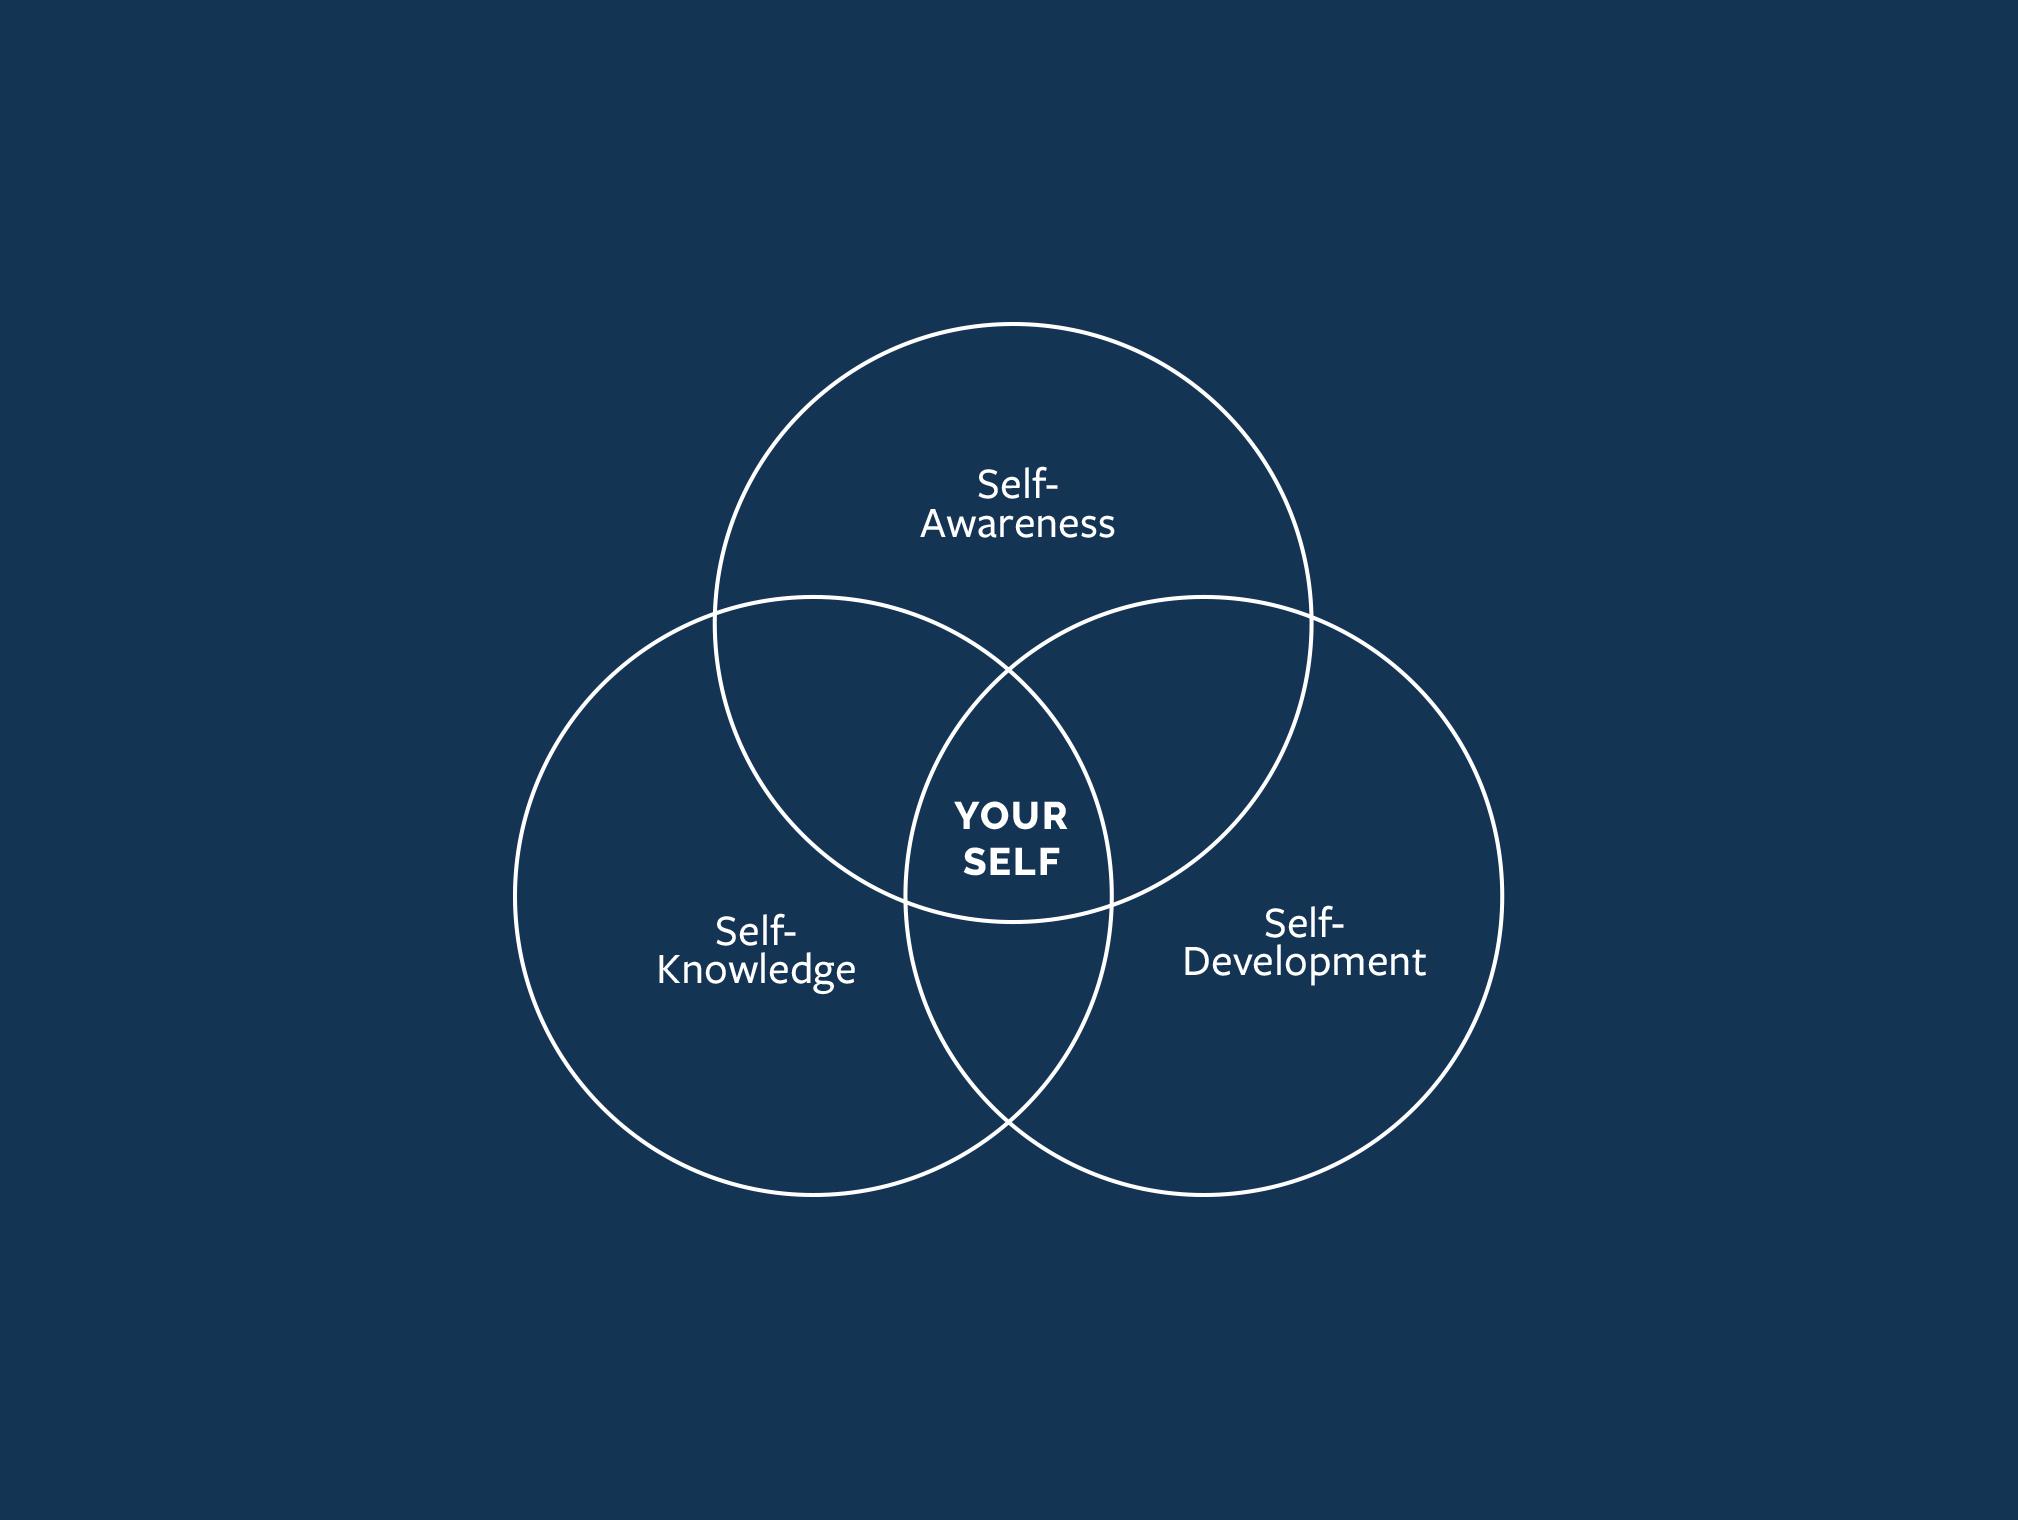 Your Self Diagram.jpg